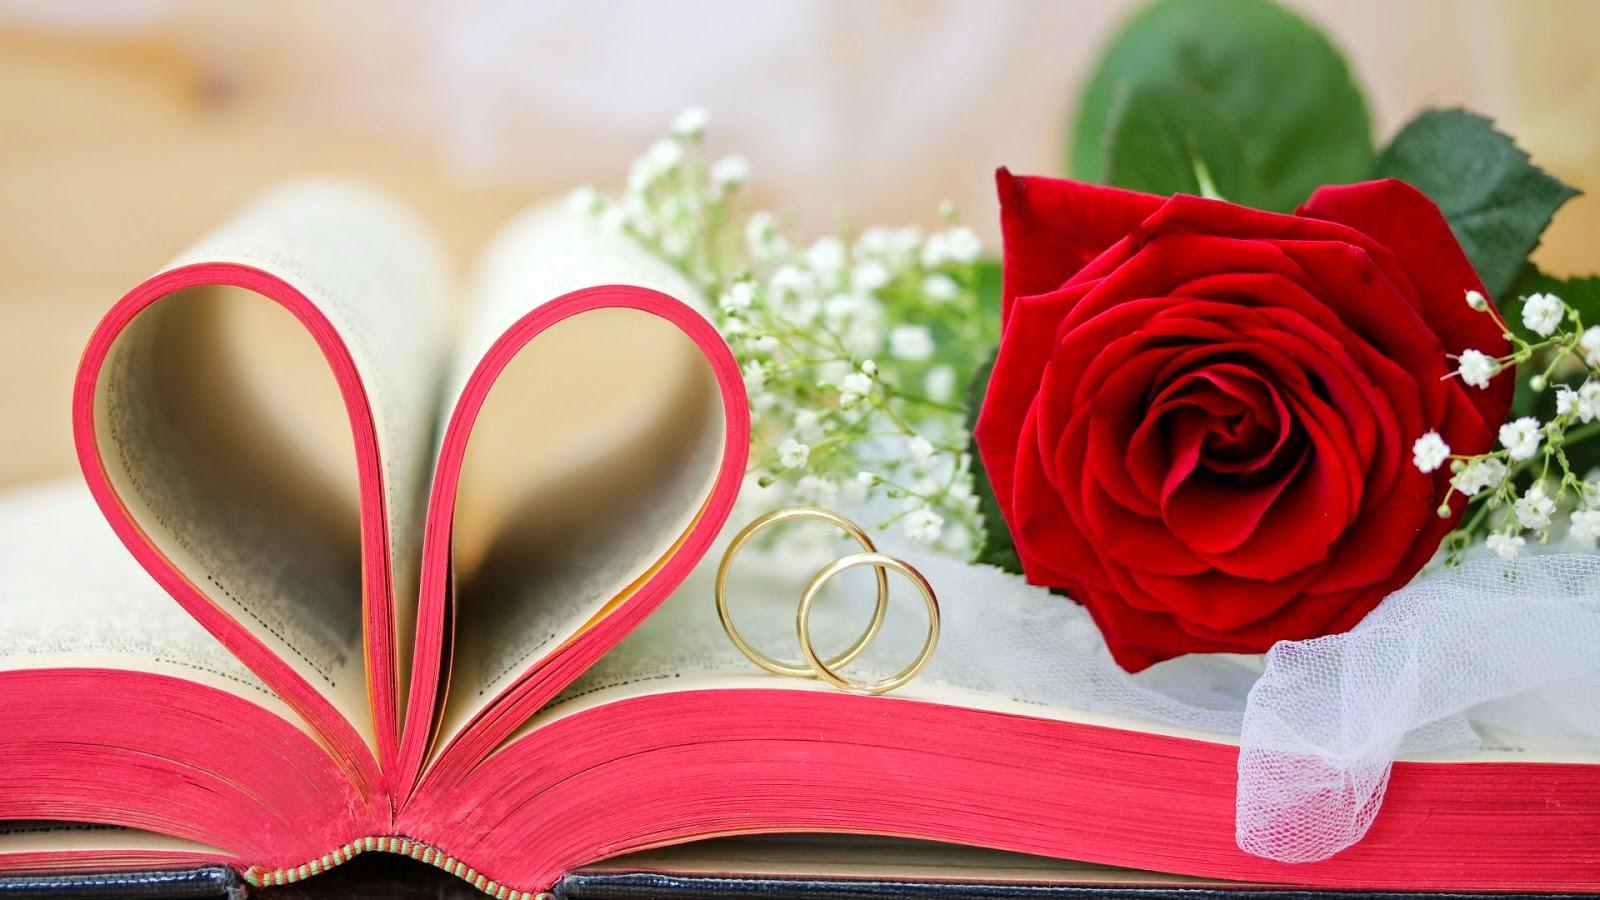 Book Heart Rose Wallpaper